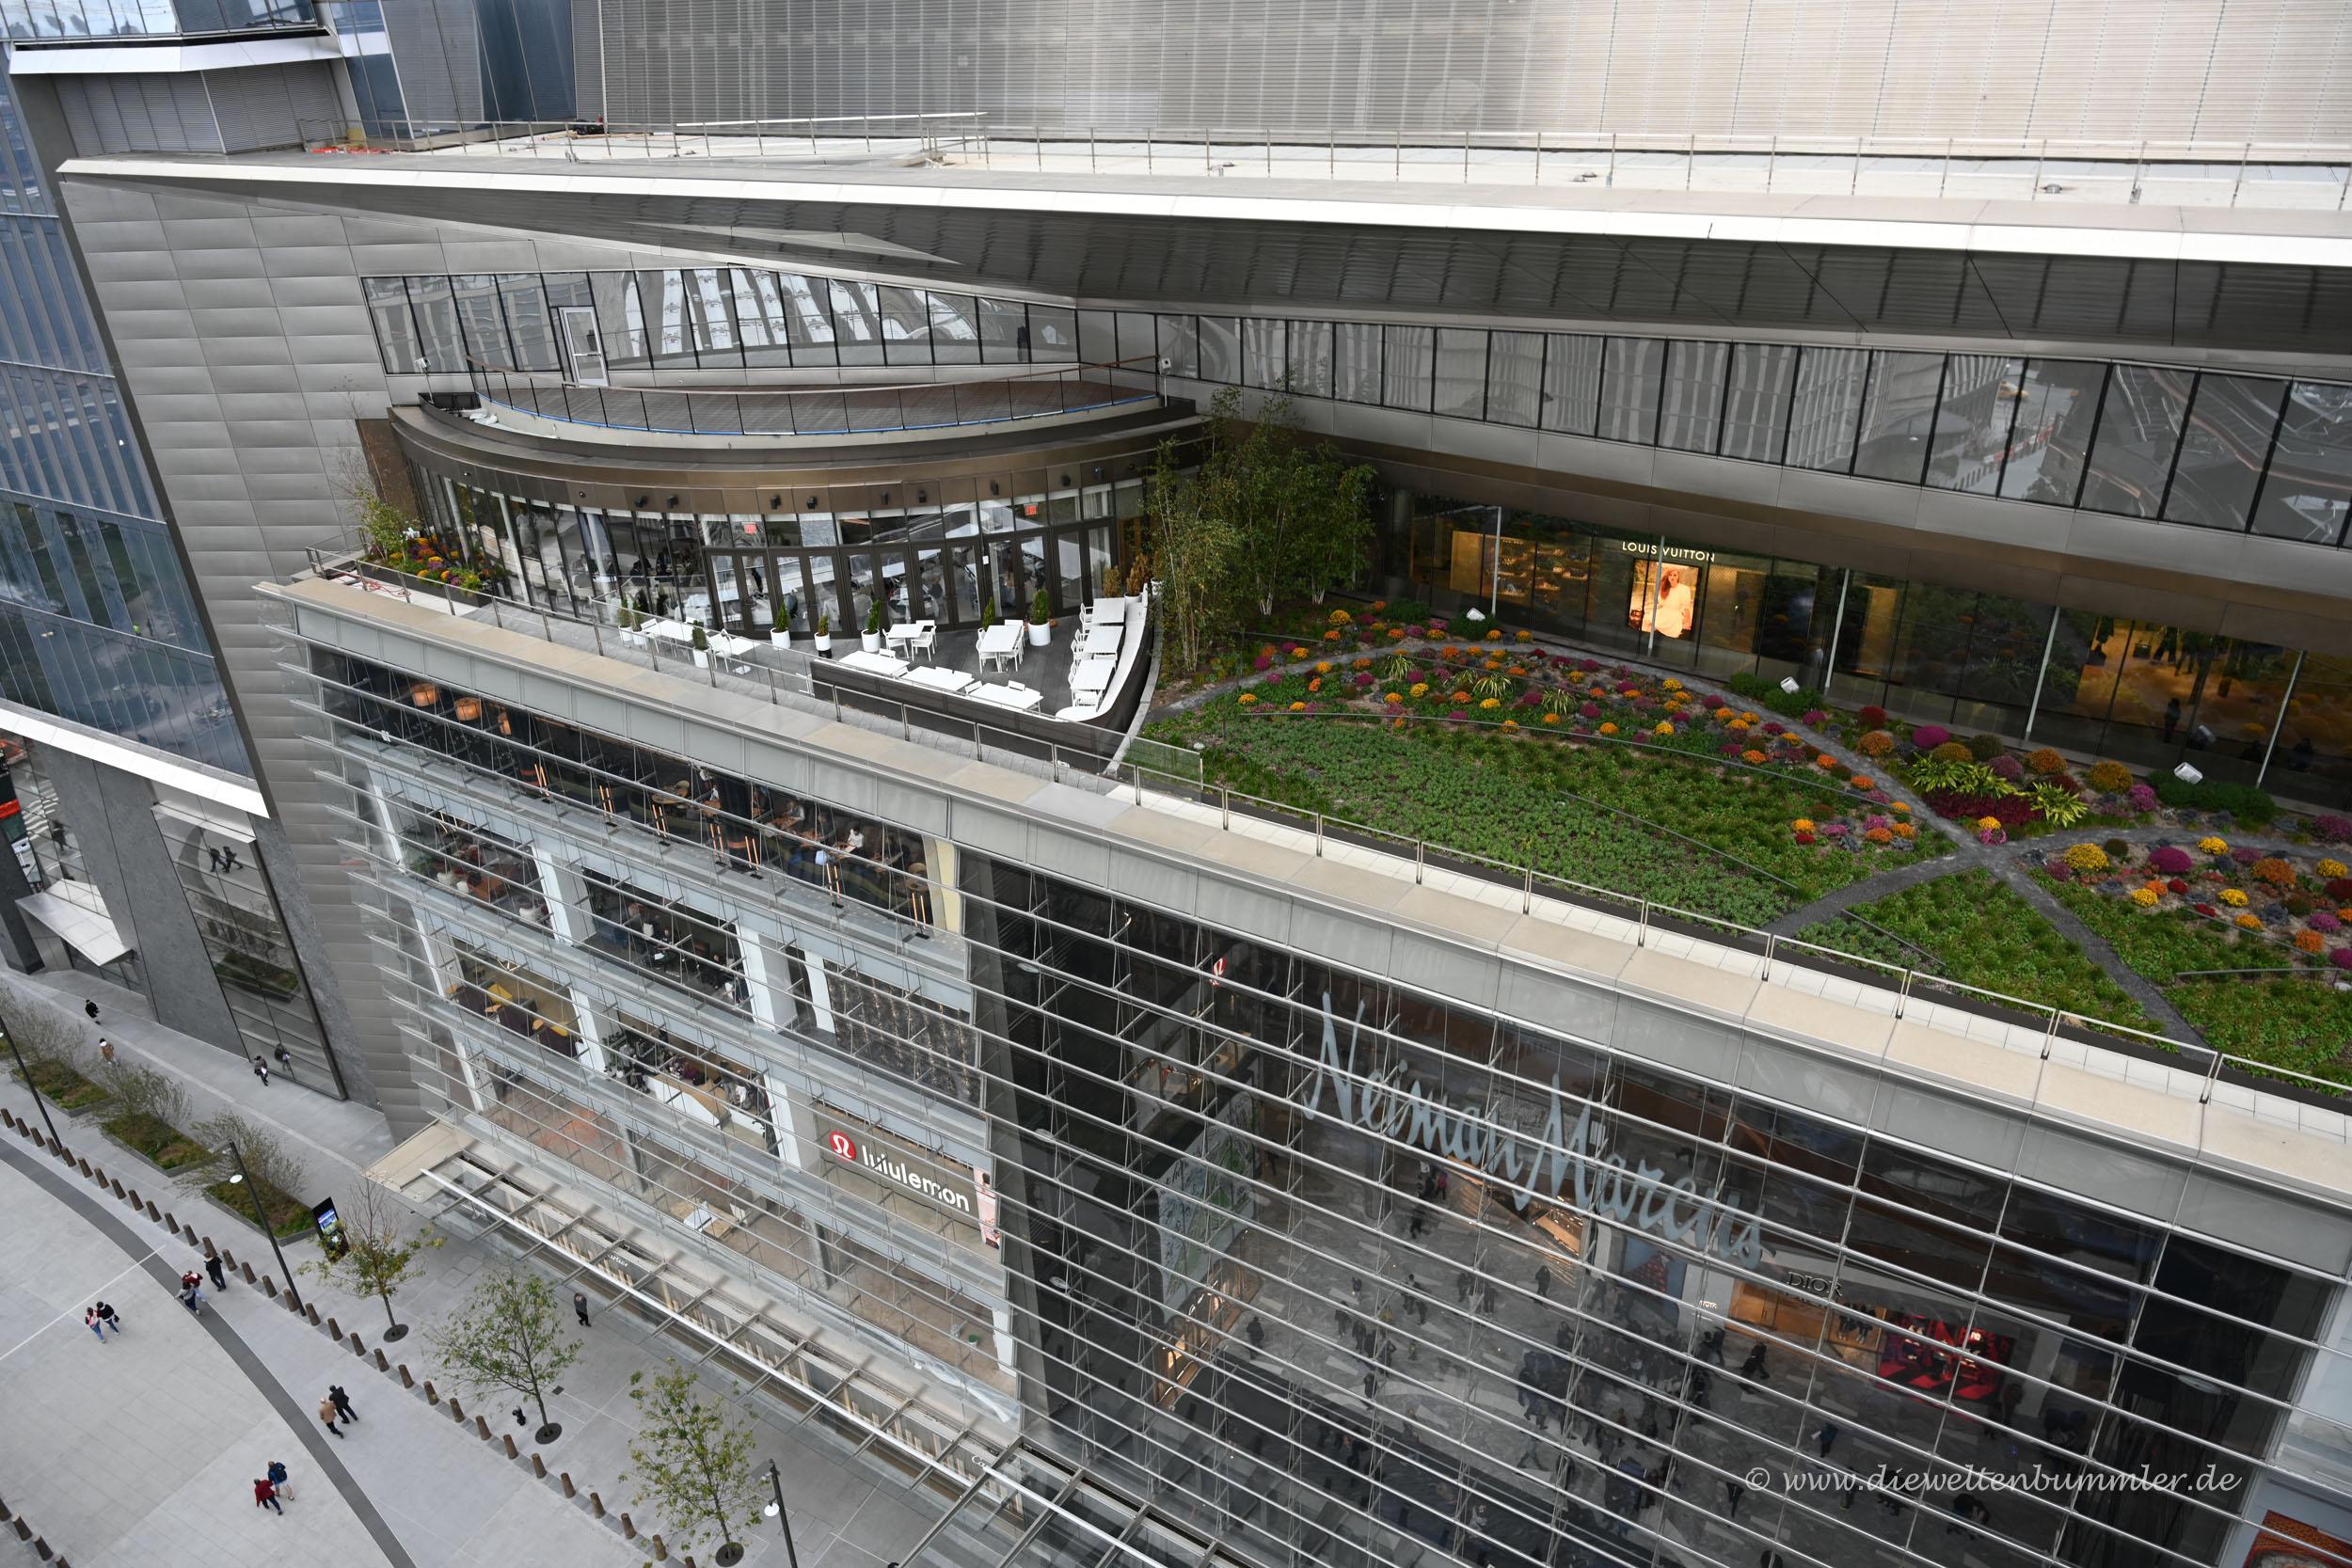 Hudson Yard von oben